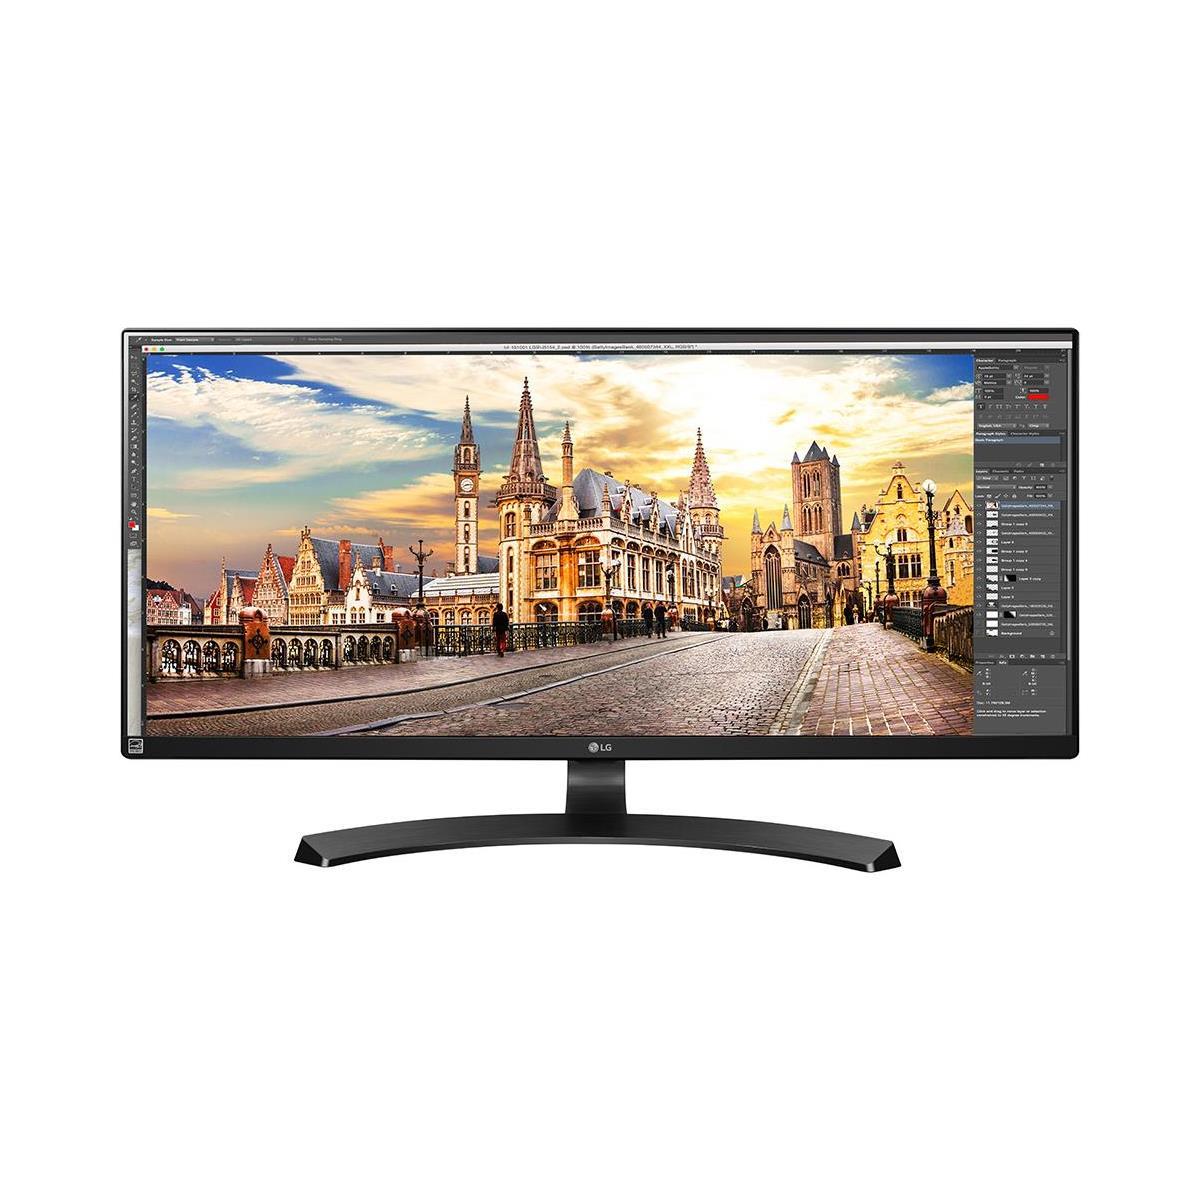 """34"""" LG 34UM68-P 2560x1080 Ultrawide IPS LED Monitor $335 + free shipping"""